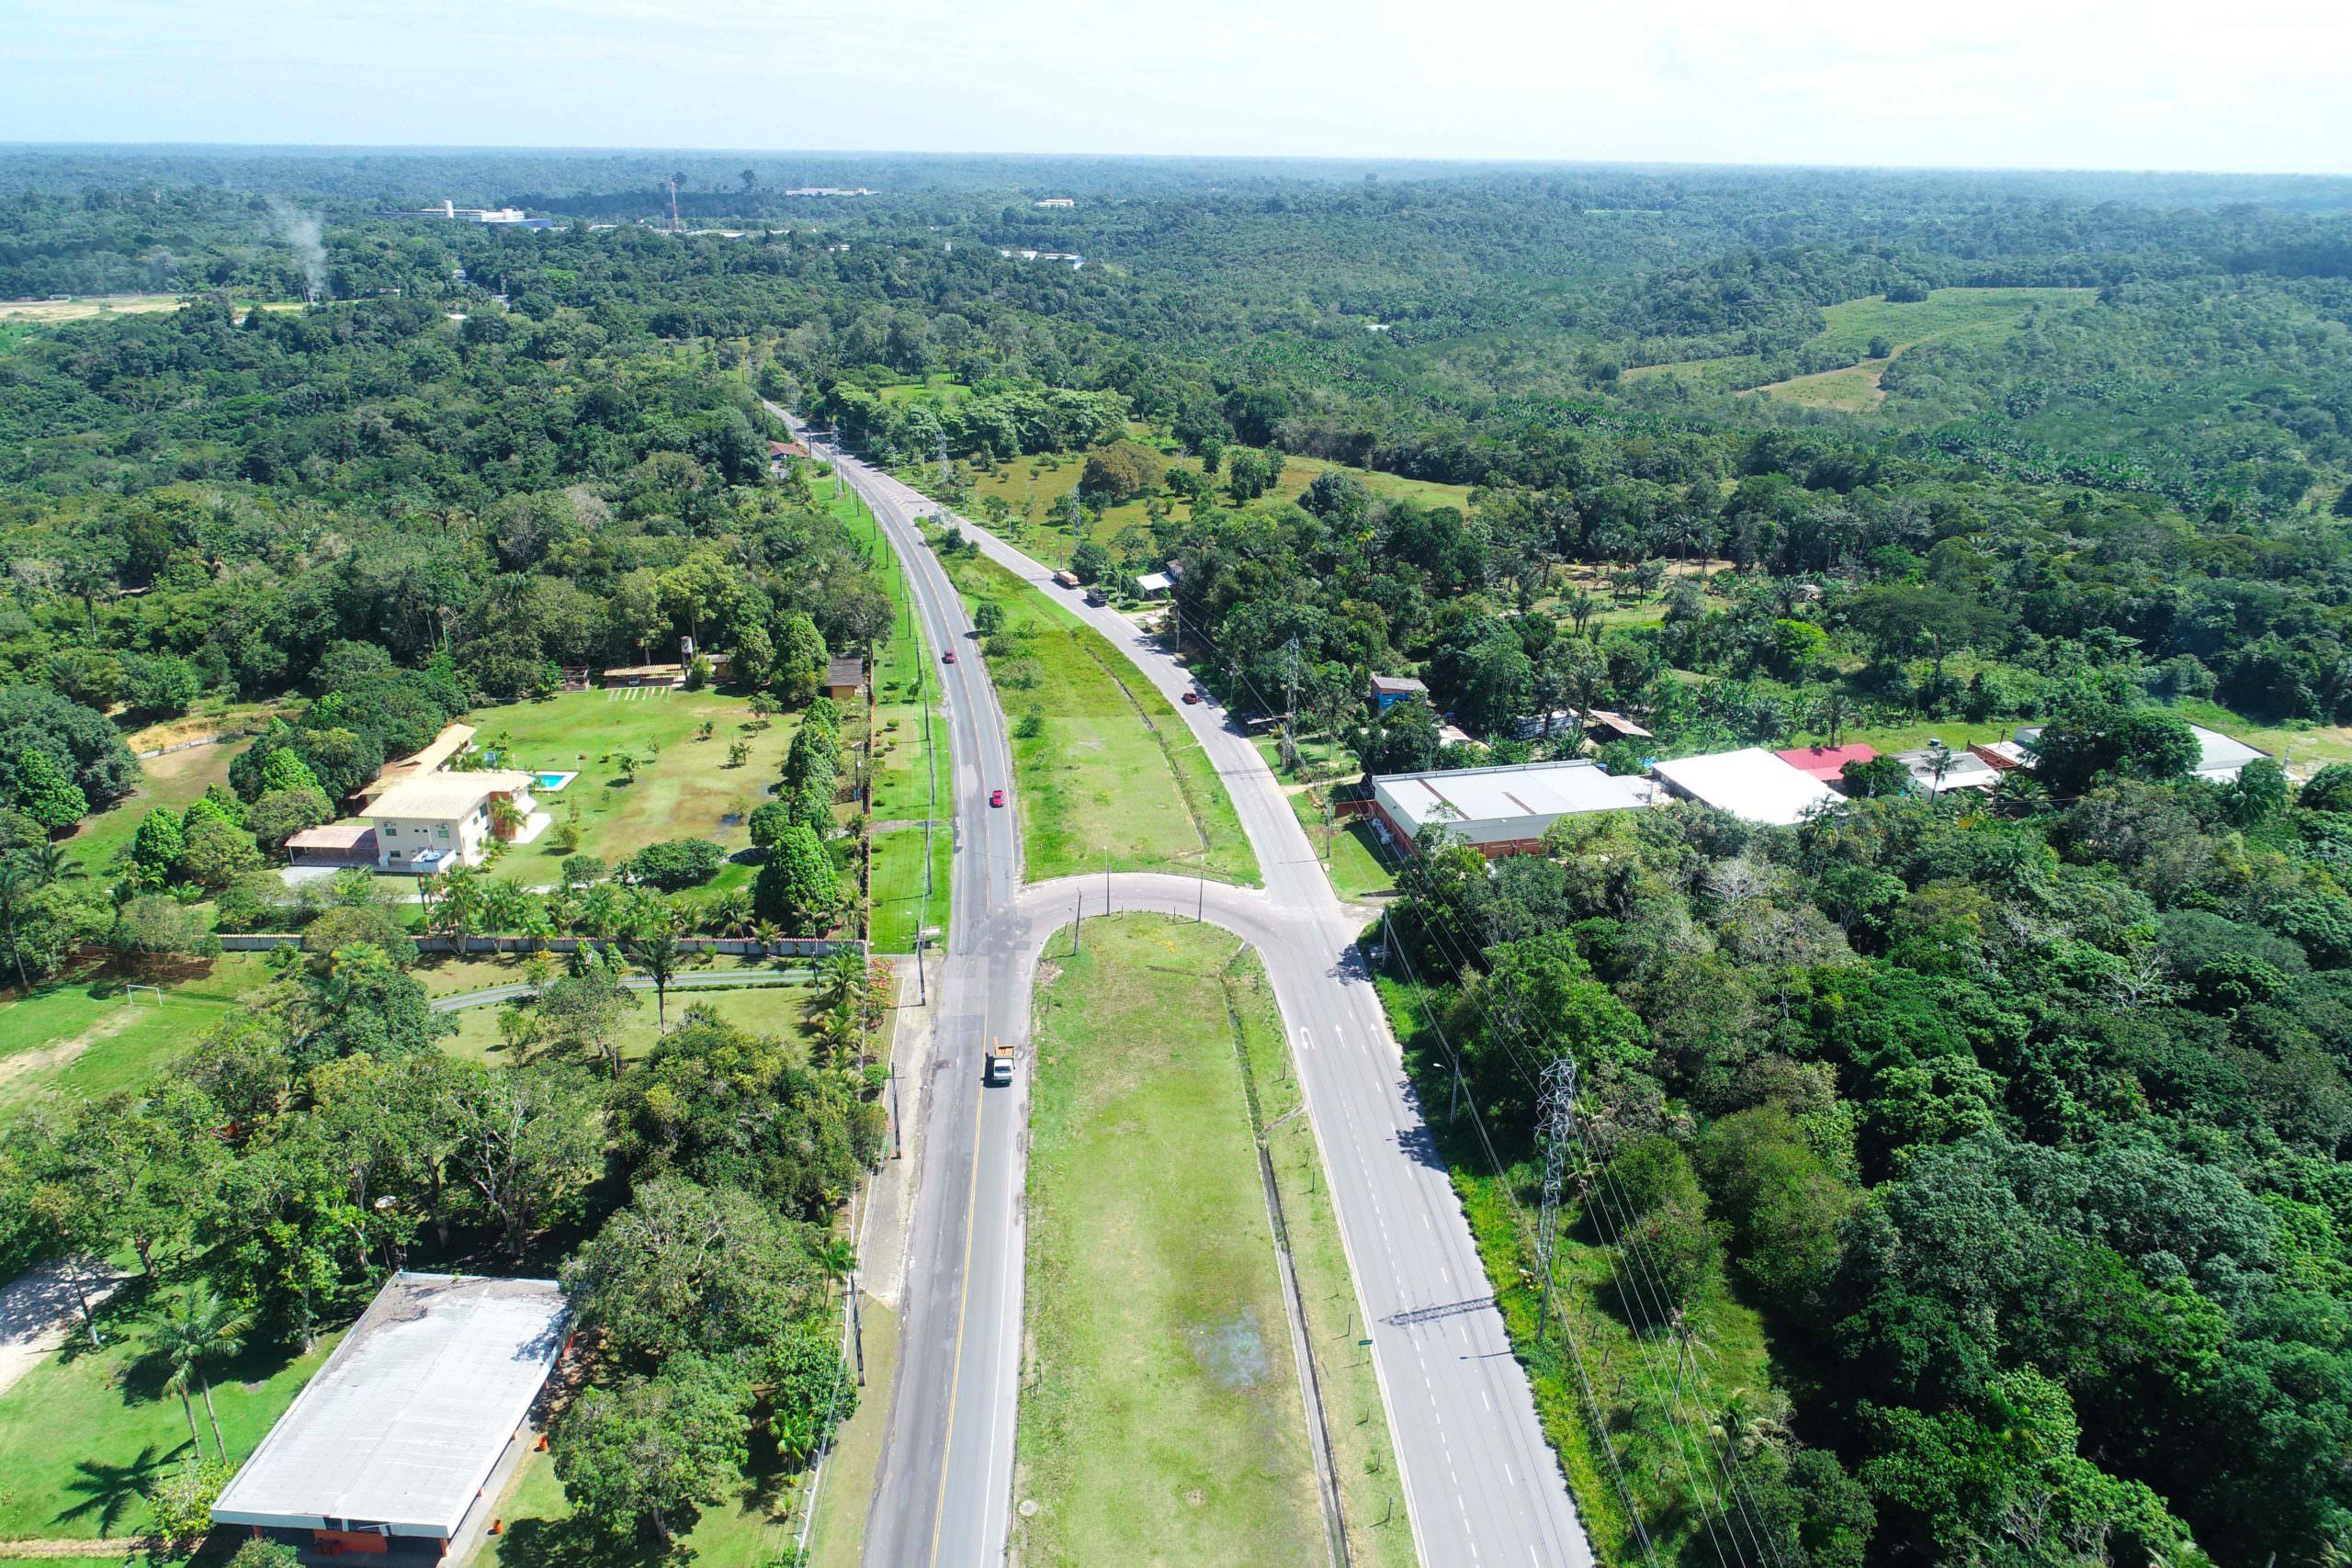 Projeto de reforma e modernização da AM-010 prevê investimento de R$ 386 milhões